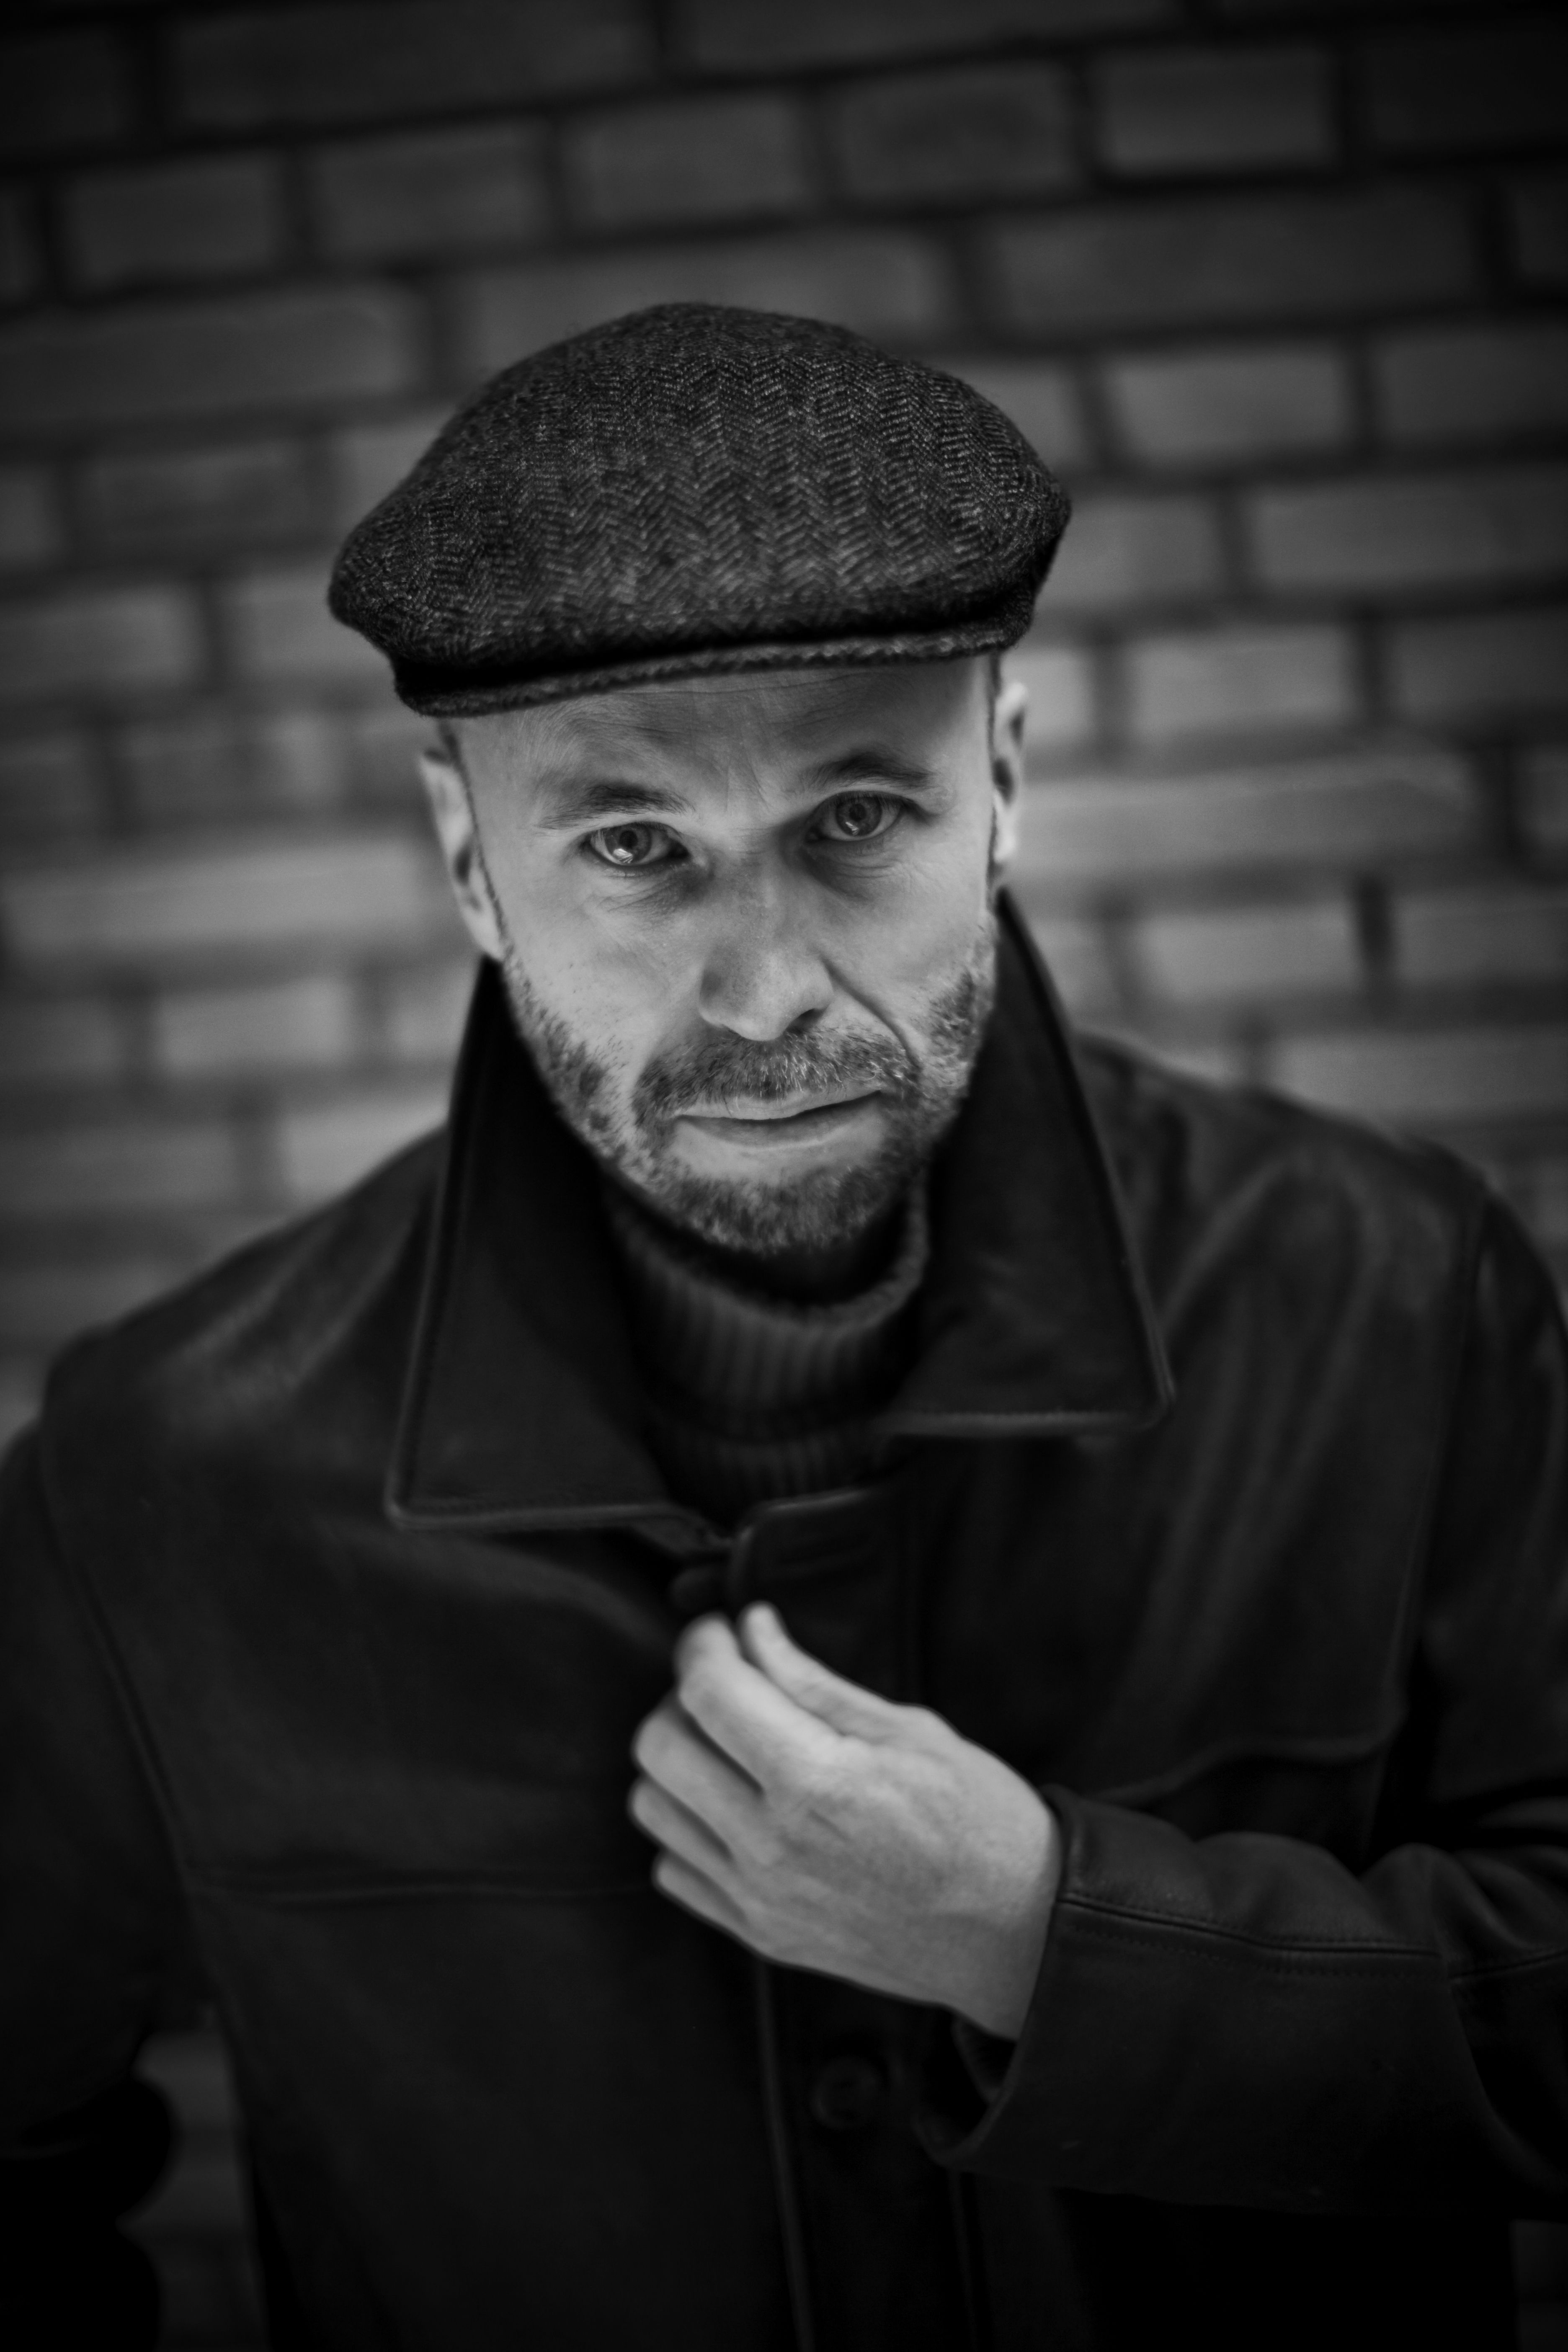 Johan Theorin (f. 1963) er forfatter og journalist og bor i Gøteborg. Han har tidligere udgivet tre spændingsromaner, som alle foregår på Øland i Sverige. Hans romaner er oversat til 20 sprog, han har fået et utal af priser, herunder Det svenske kriminalakademis debutantpris og samme akademis pris for årets bedste kriminalroman 2008. Derudover har han modtaget den prestigefyldte britiske pris The CWA Dagger Award.